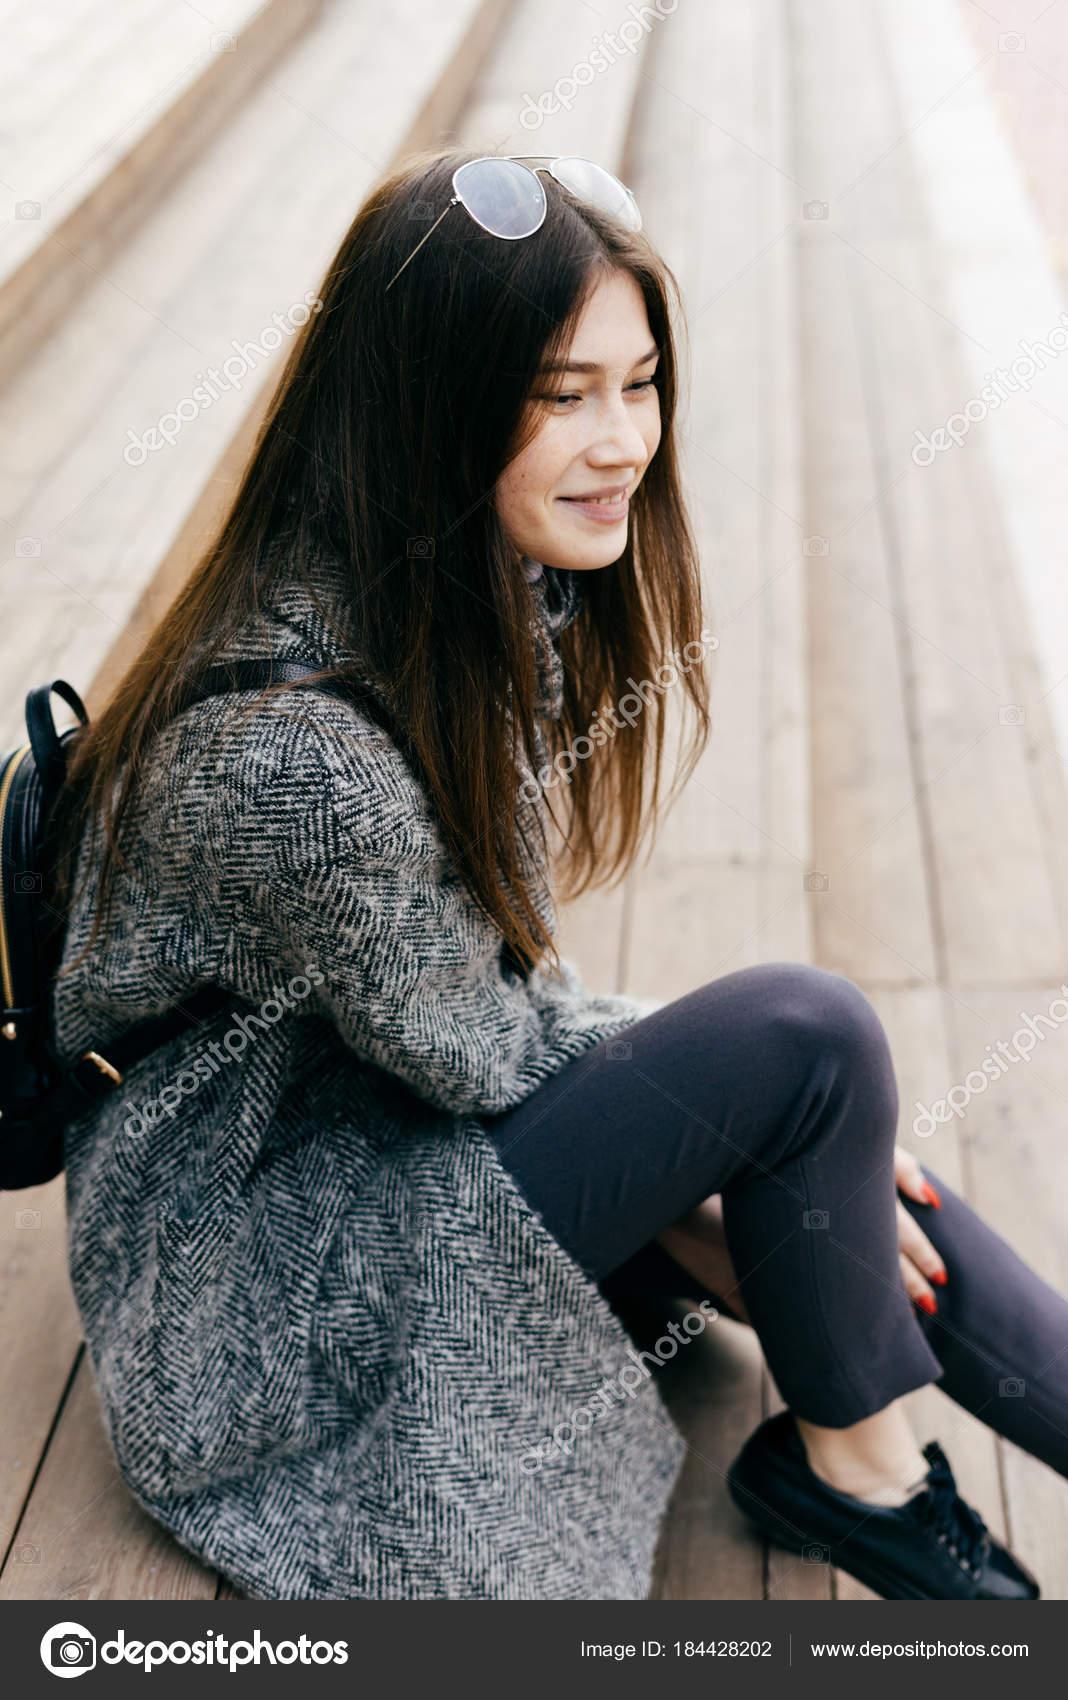 Städtischen schönes junges Mädchen mit dunklen Haaren in einem grauen  Mantel sitzt auf der Treppe und 69e67fe09d